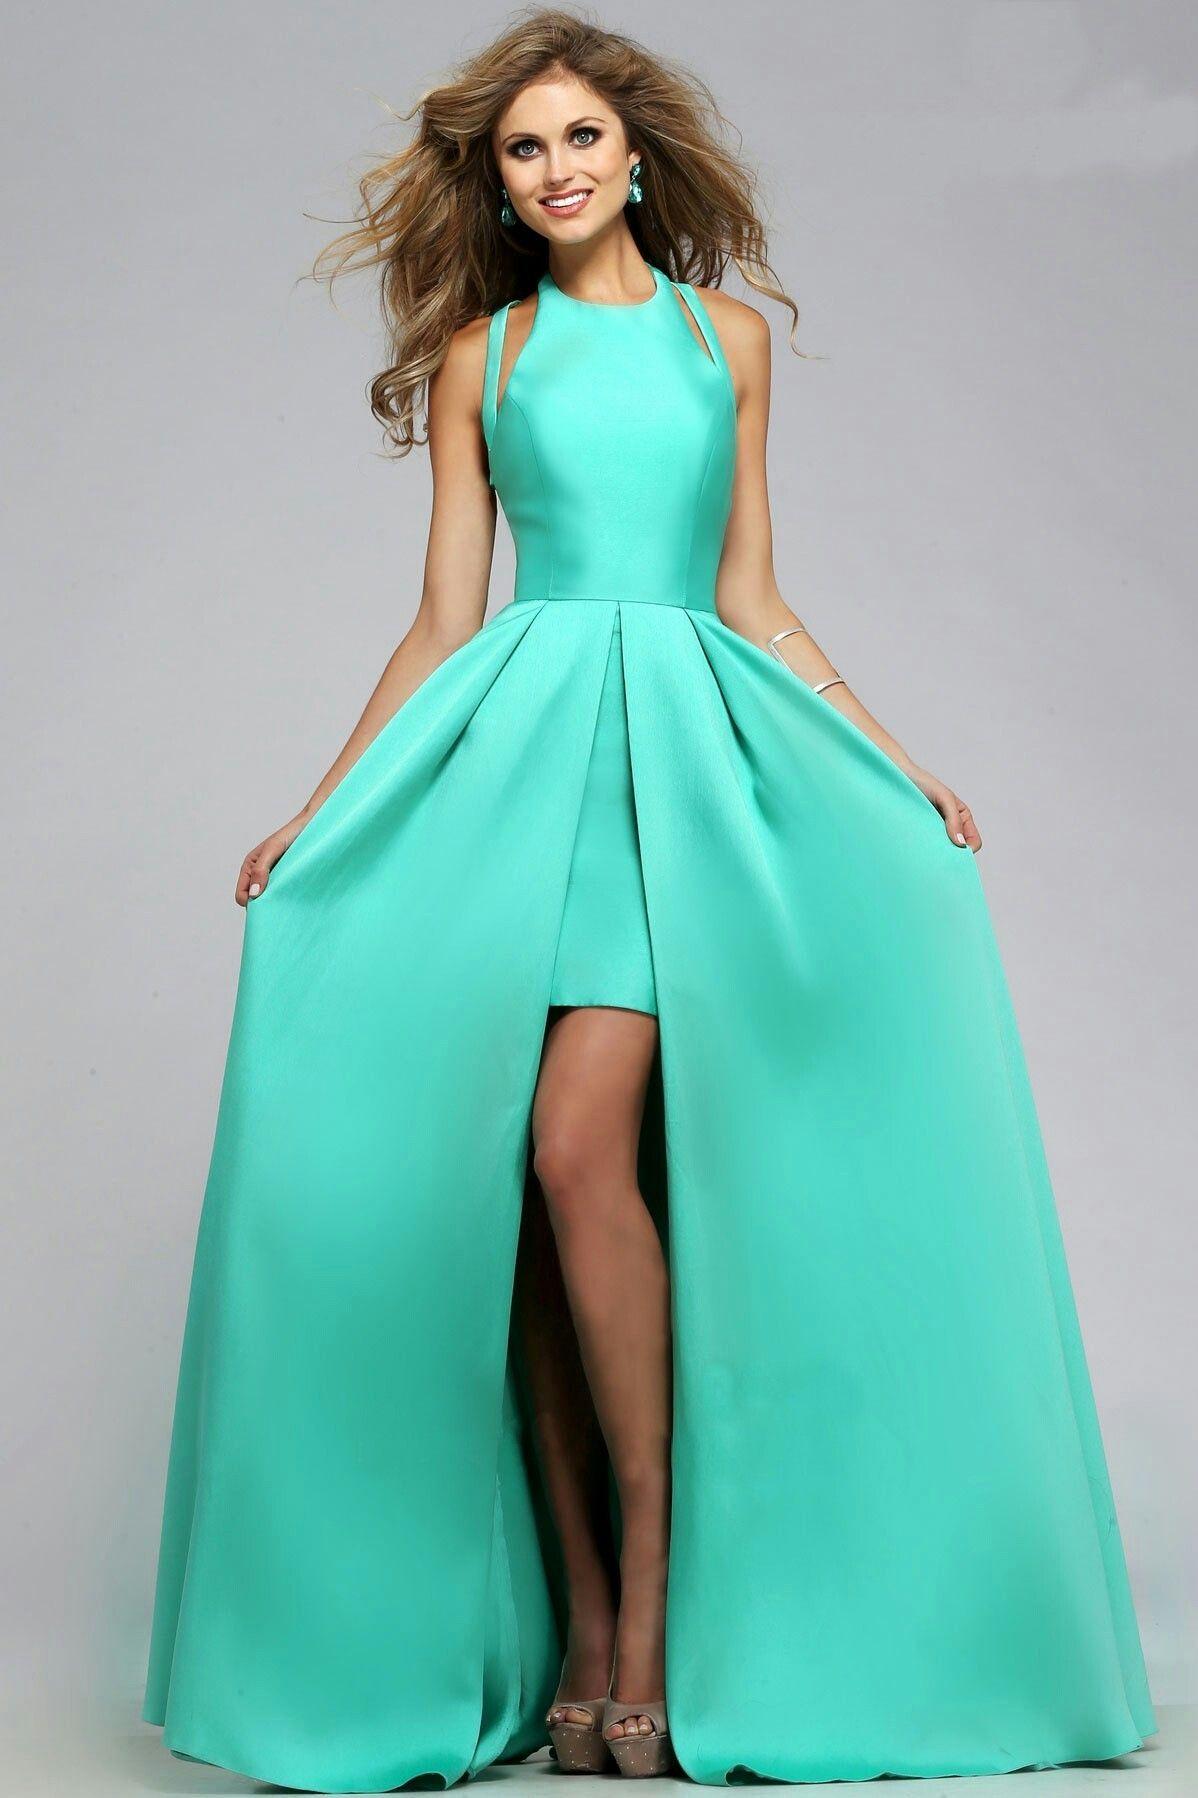 Beautiful maxi dress gowns grandeur pinterest beautiful maxi